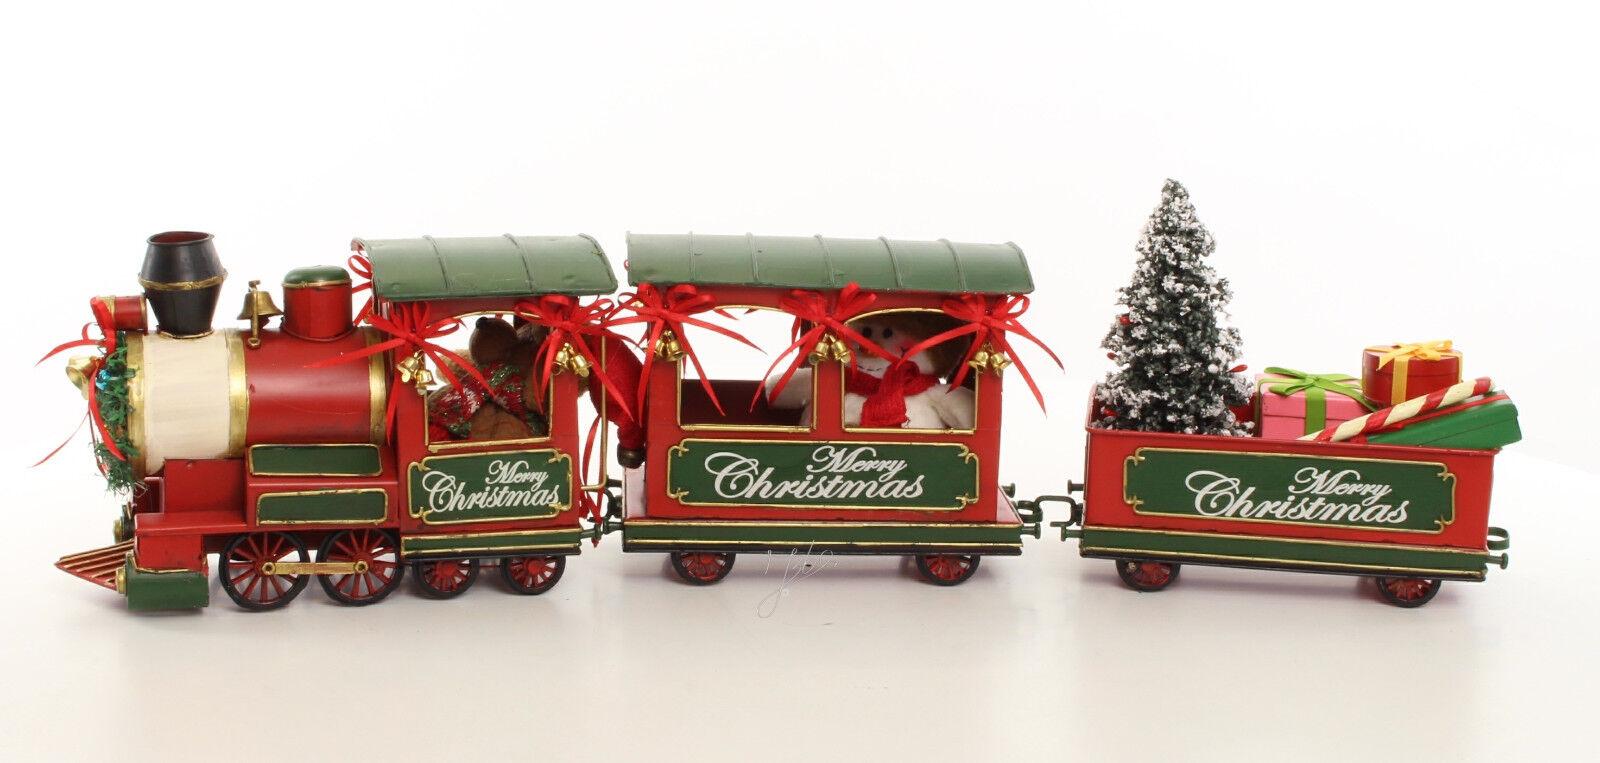 Nostalgie Weihnachtszug Eisenbahn Retro Merry Christmas Weihnachtsdeko Lok